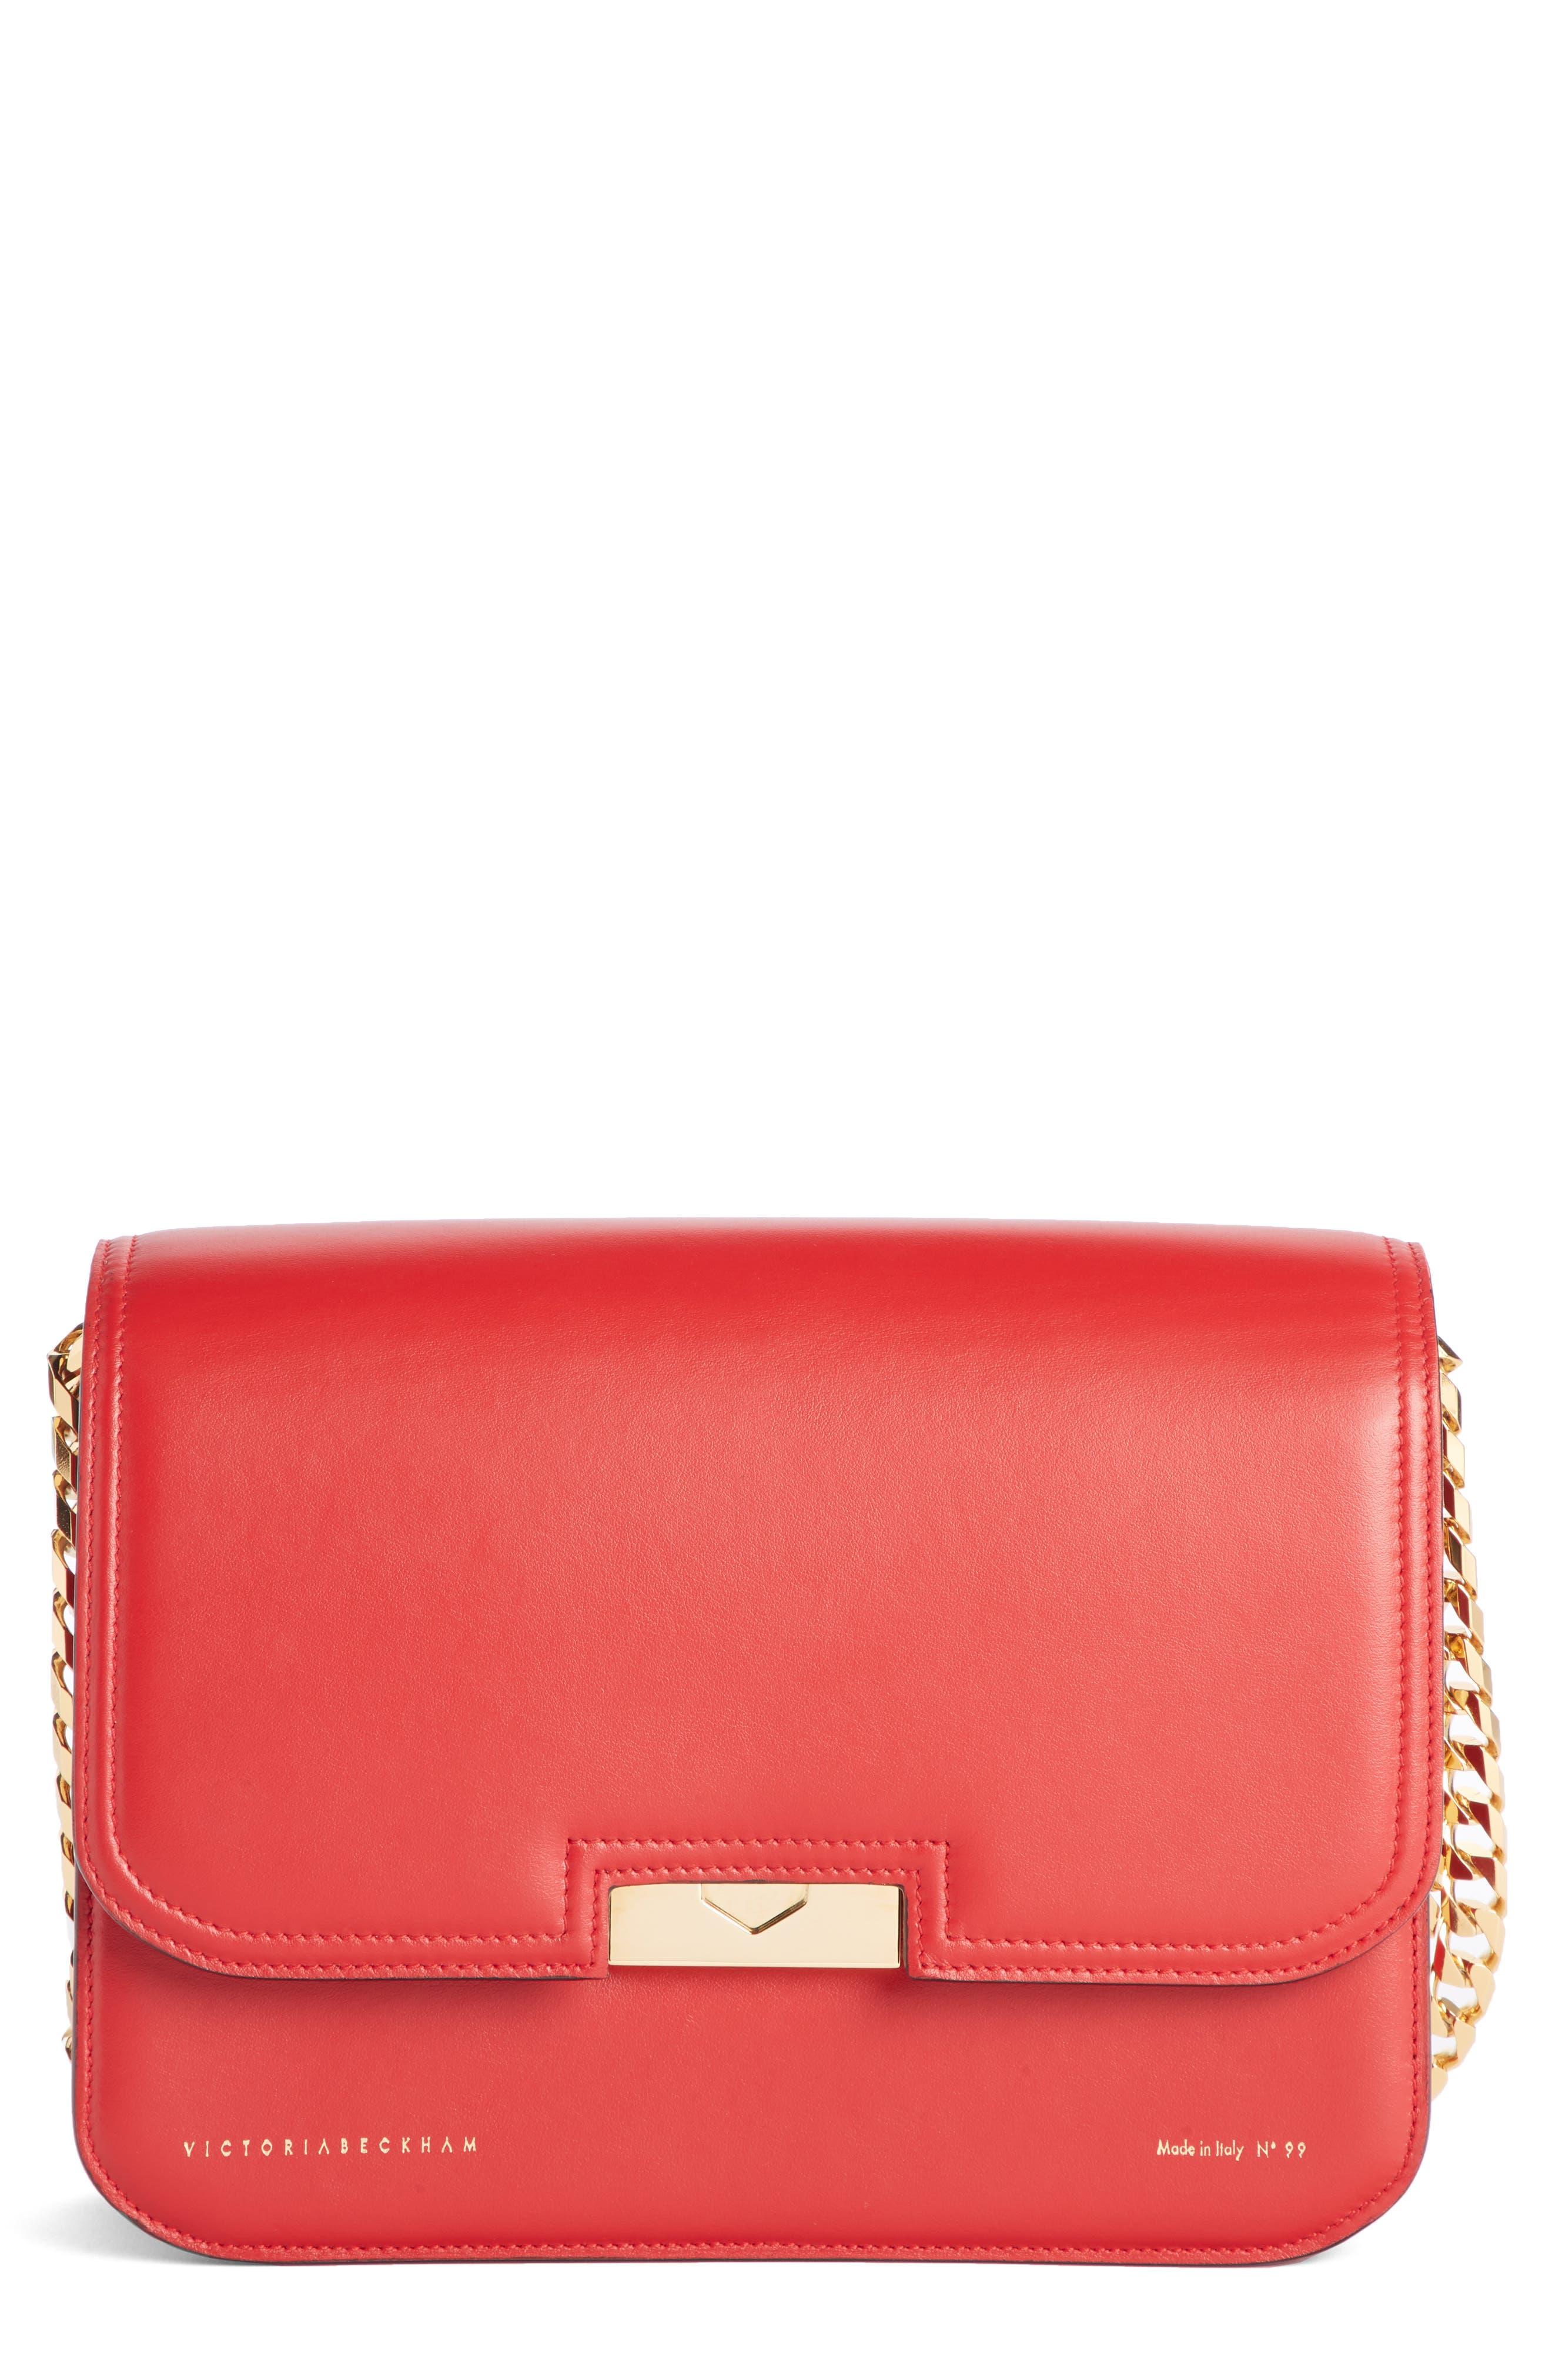 VICTORIA BECKHAM Eva Leather Shoulder Bag, Main, color, RED